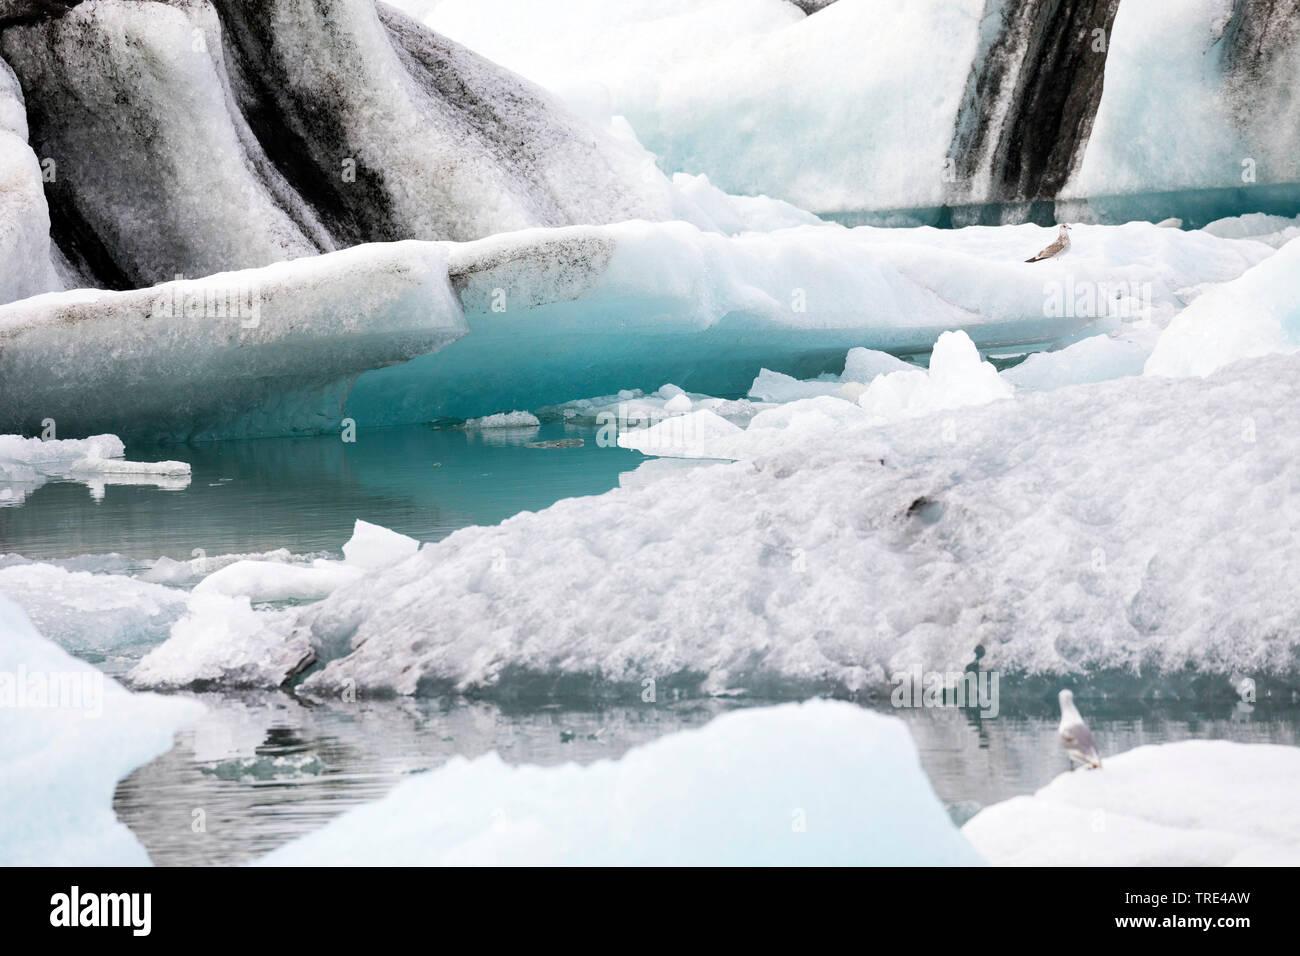 GletscherlaguneGletscherlagune Joekulsarlon, treibende Eisberge, die von der Gletscherzunge abgebrochen sind und in Richtung Meer treiben, Island, Vat - Stock Image